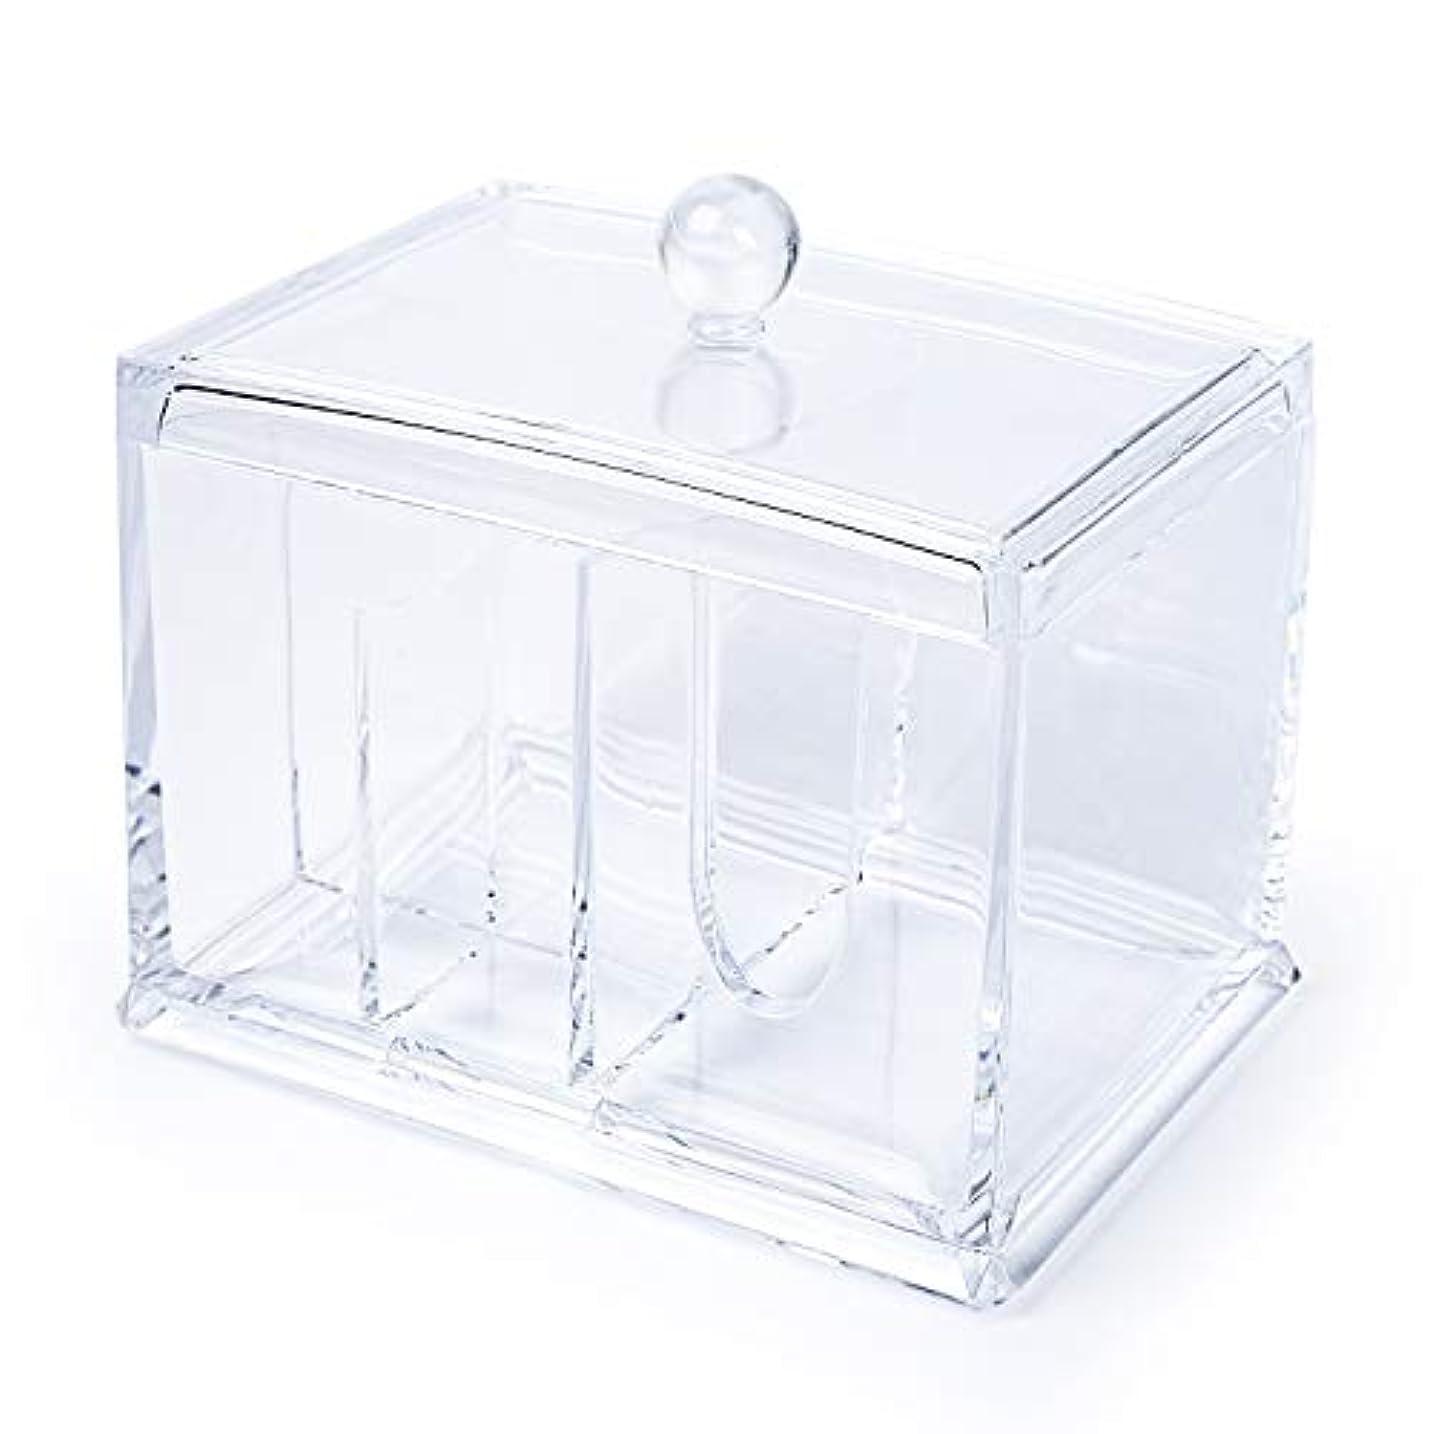 有用へこみ電子レンジELOKI 収納ボックス アクリルケース 収納ボックス 綿棒 小物?コスメ小物用品収納 ジュエリーボックス アクセサリー 透明 防塵?蓋付き アクリル製